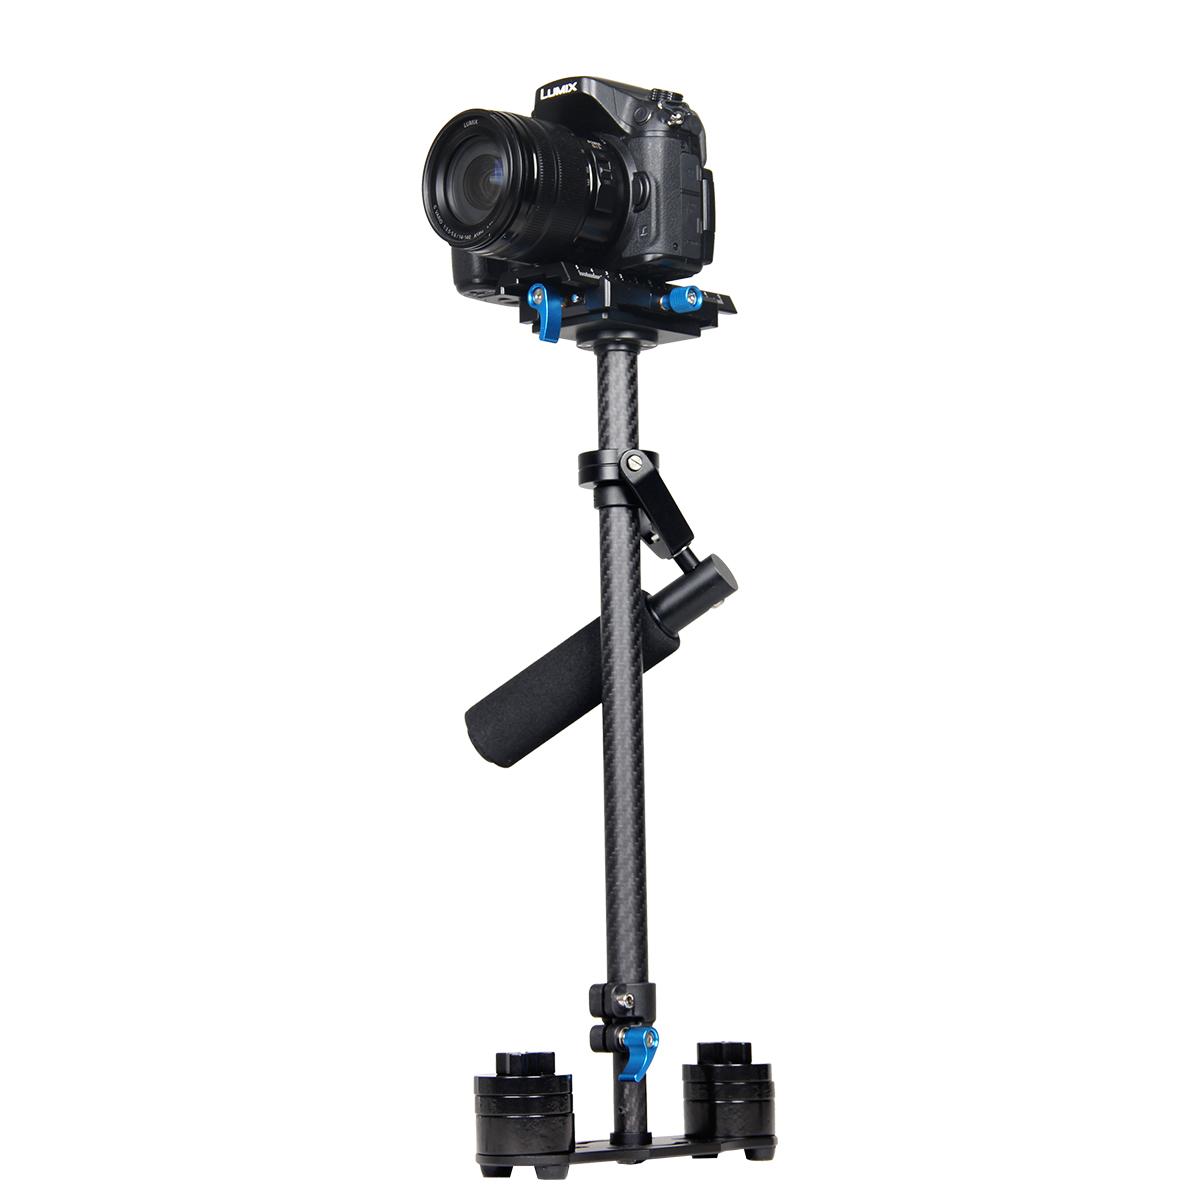 2015 YELANGU Filming Equipment Carbon Fiber Holder Dslr Stabilizer Steadicam For 5D2, 5D3